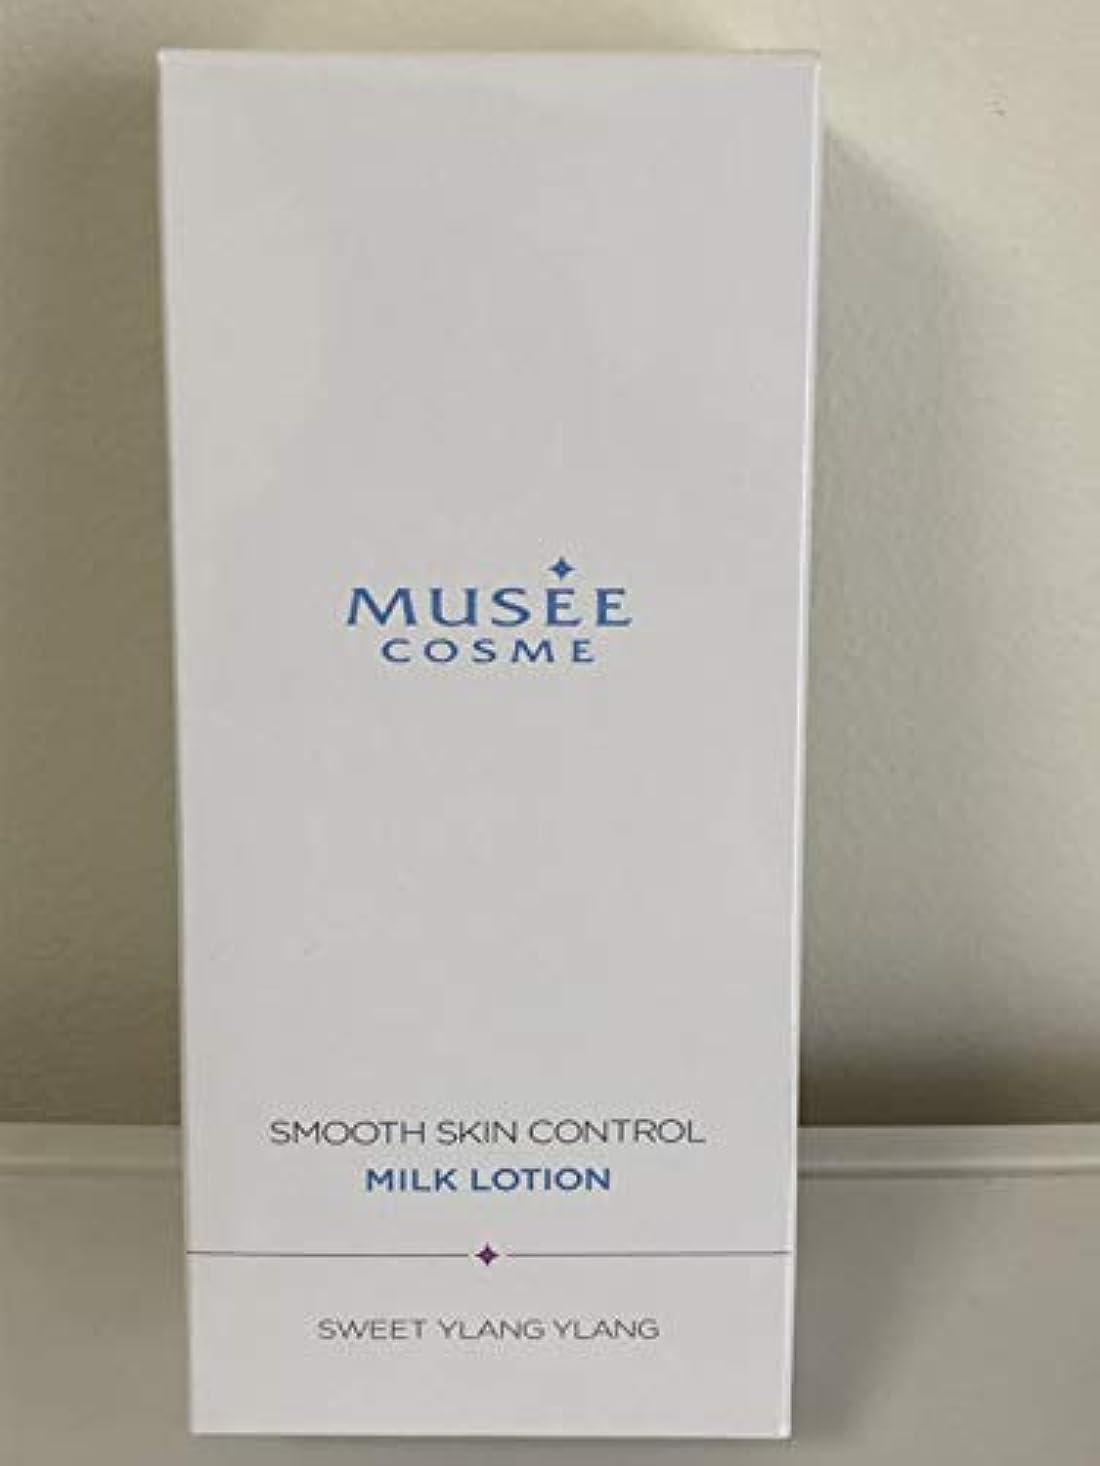 ペッカディロ包帯鉛筆ミュゼコスメ 薬用スムーススキンコントロール ミルクローション 300mL スイートイランイランの香り